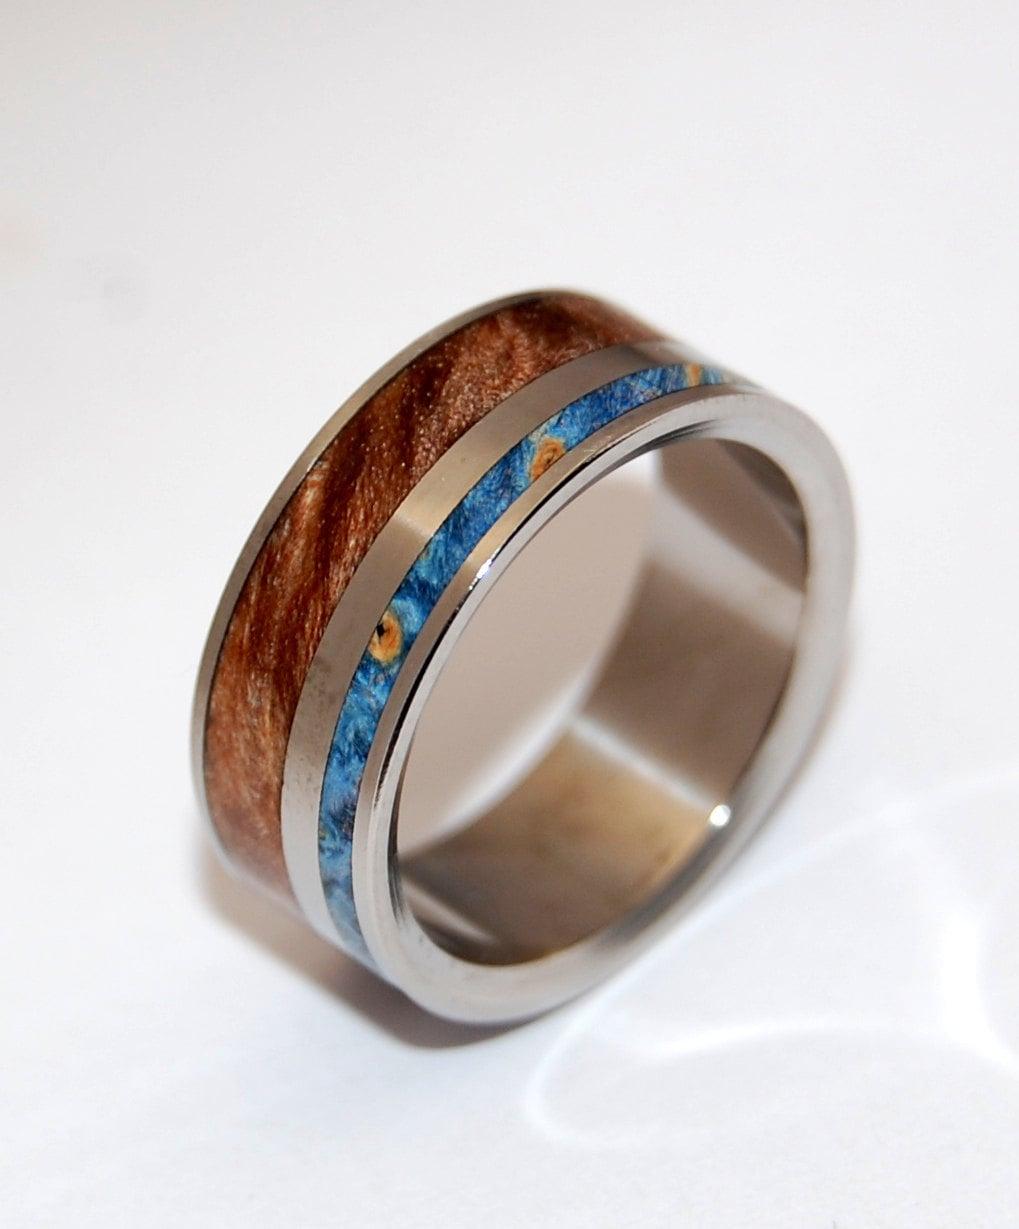 titanring ehering holz trauringe holz ring ahorn ring box. Black Bedroom Furniture Sets. Home Design Ideas